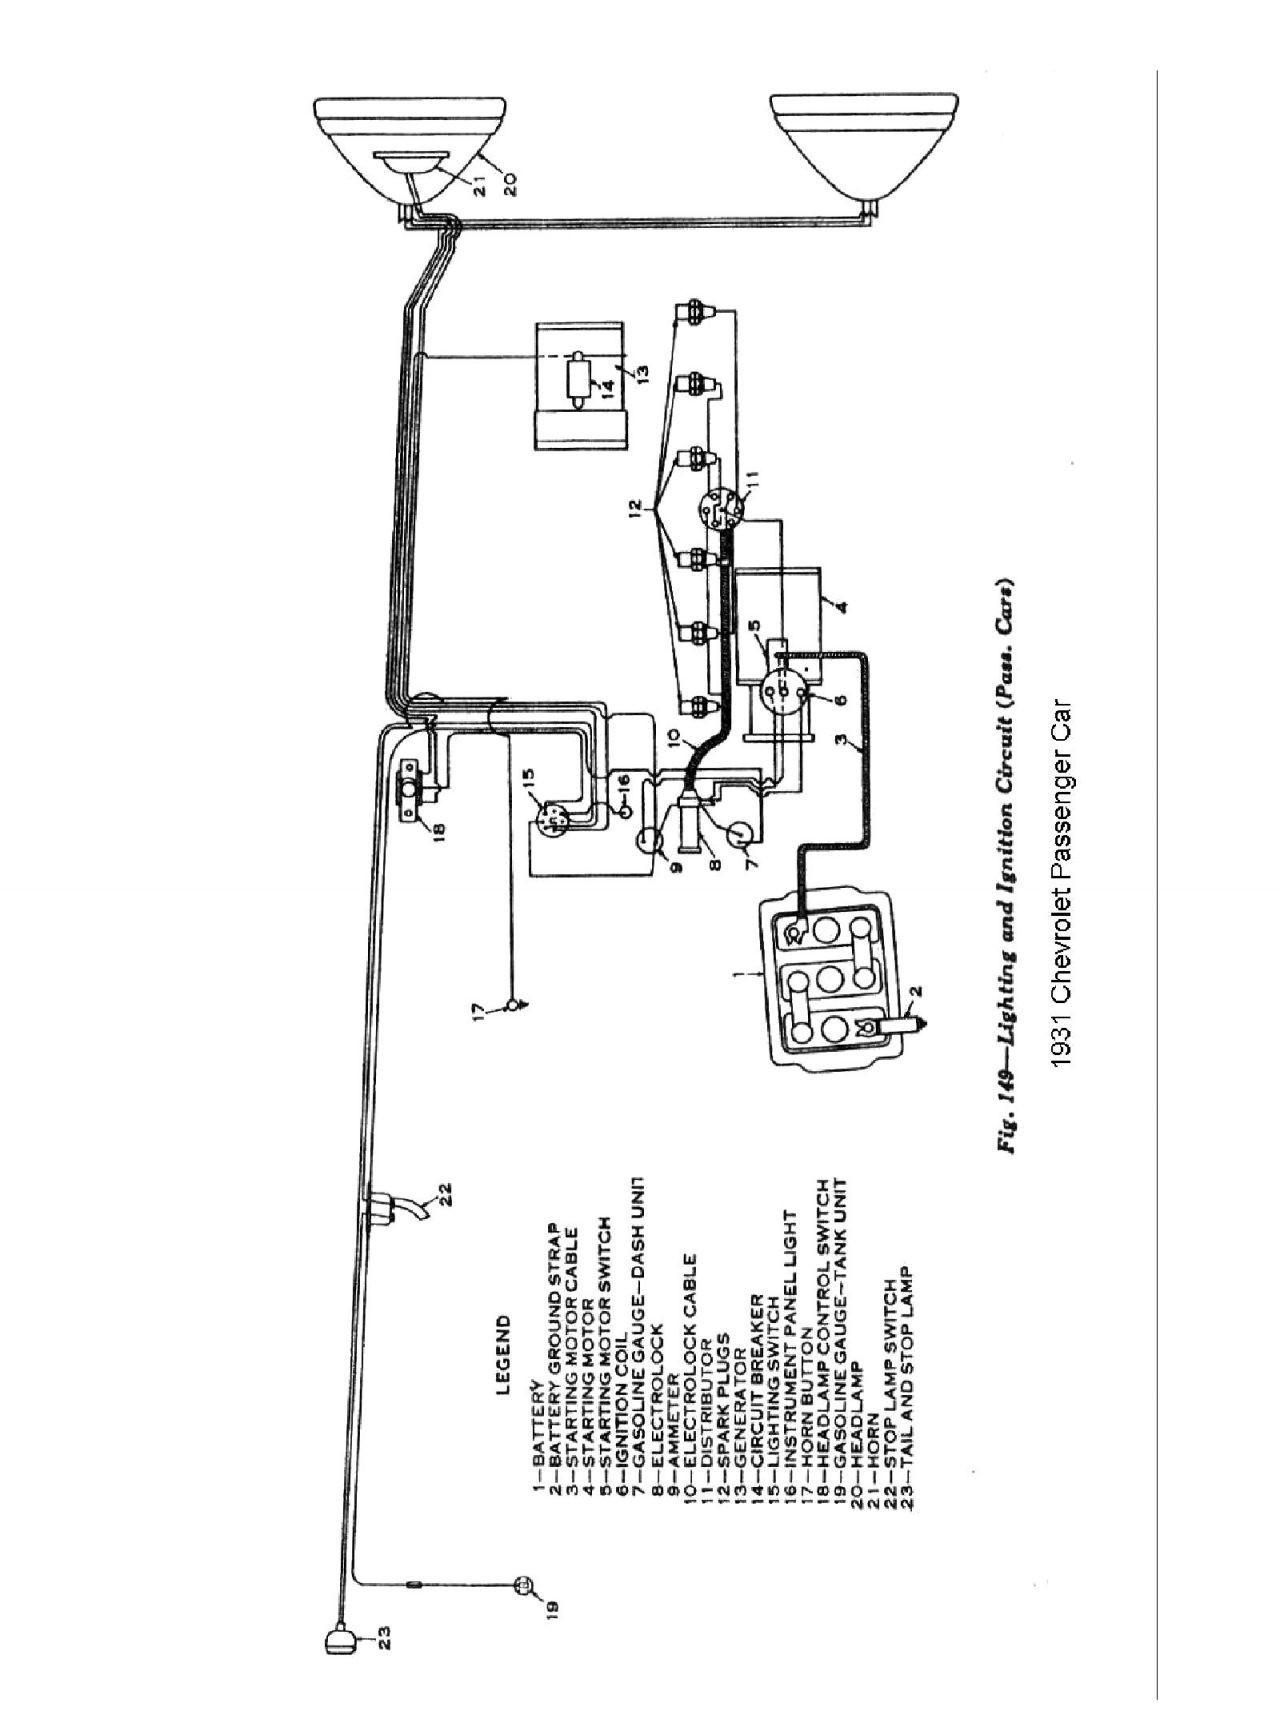 Freightliner Air Tank Diagram 7a97d Dixie Air Horn Wiring Diagram Of Freightliner Air Tank Diagram